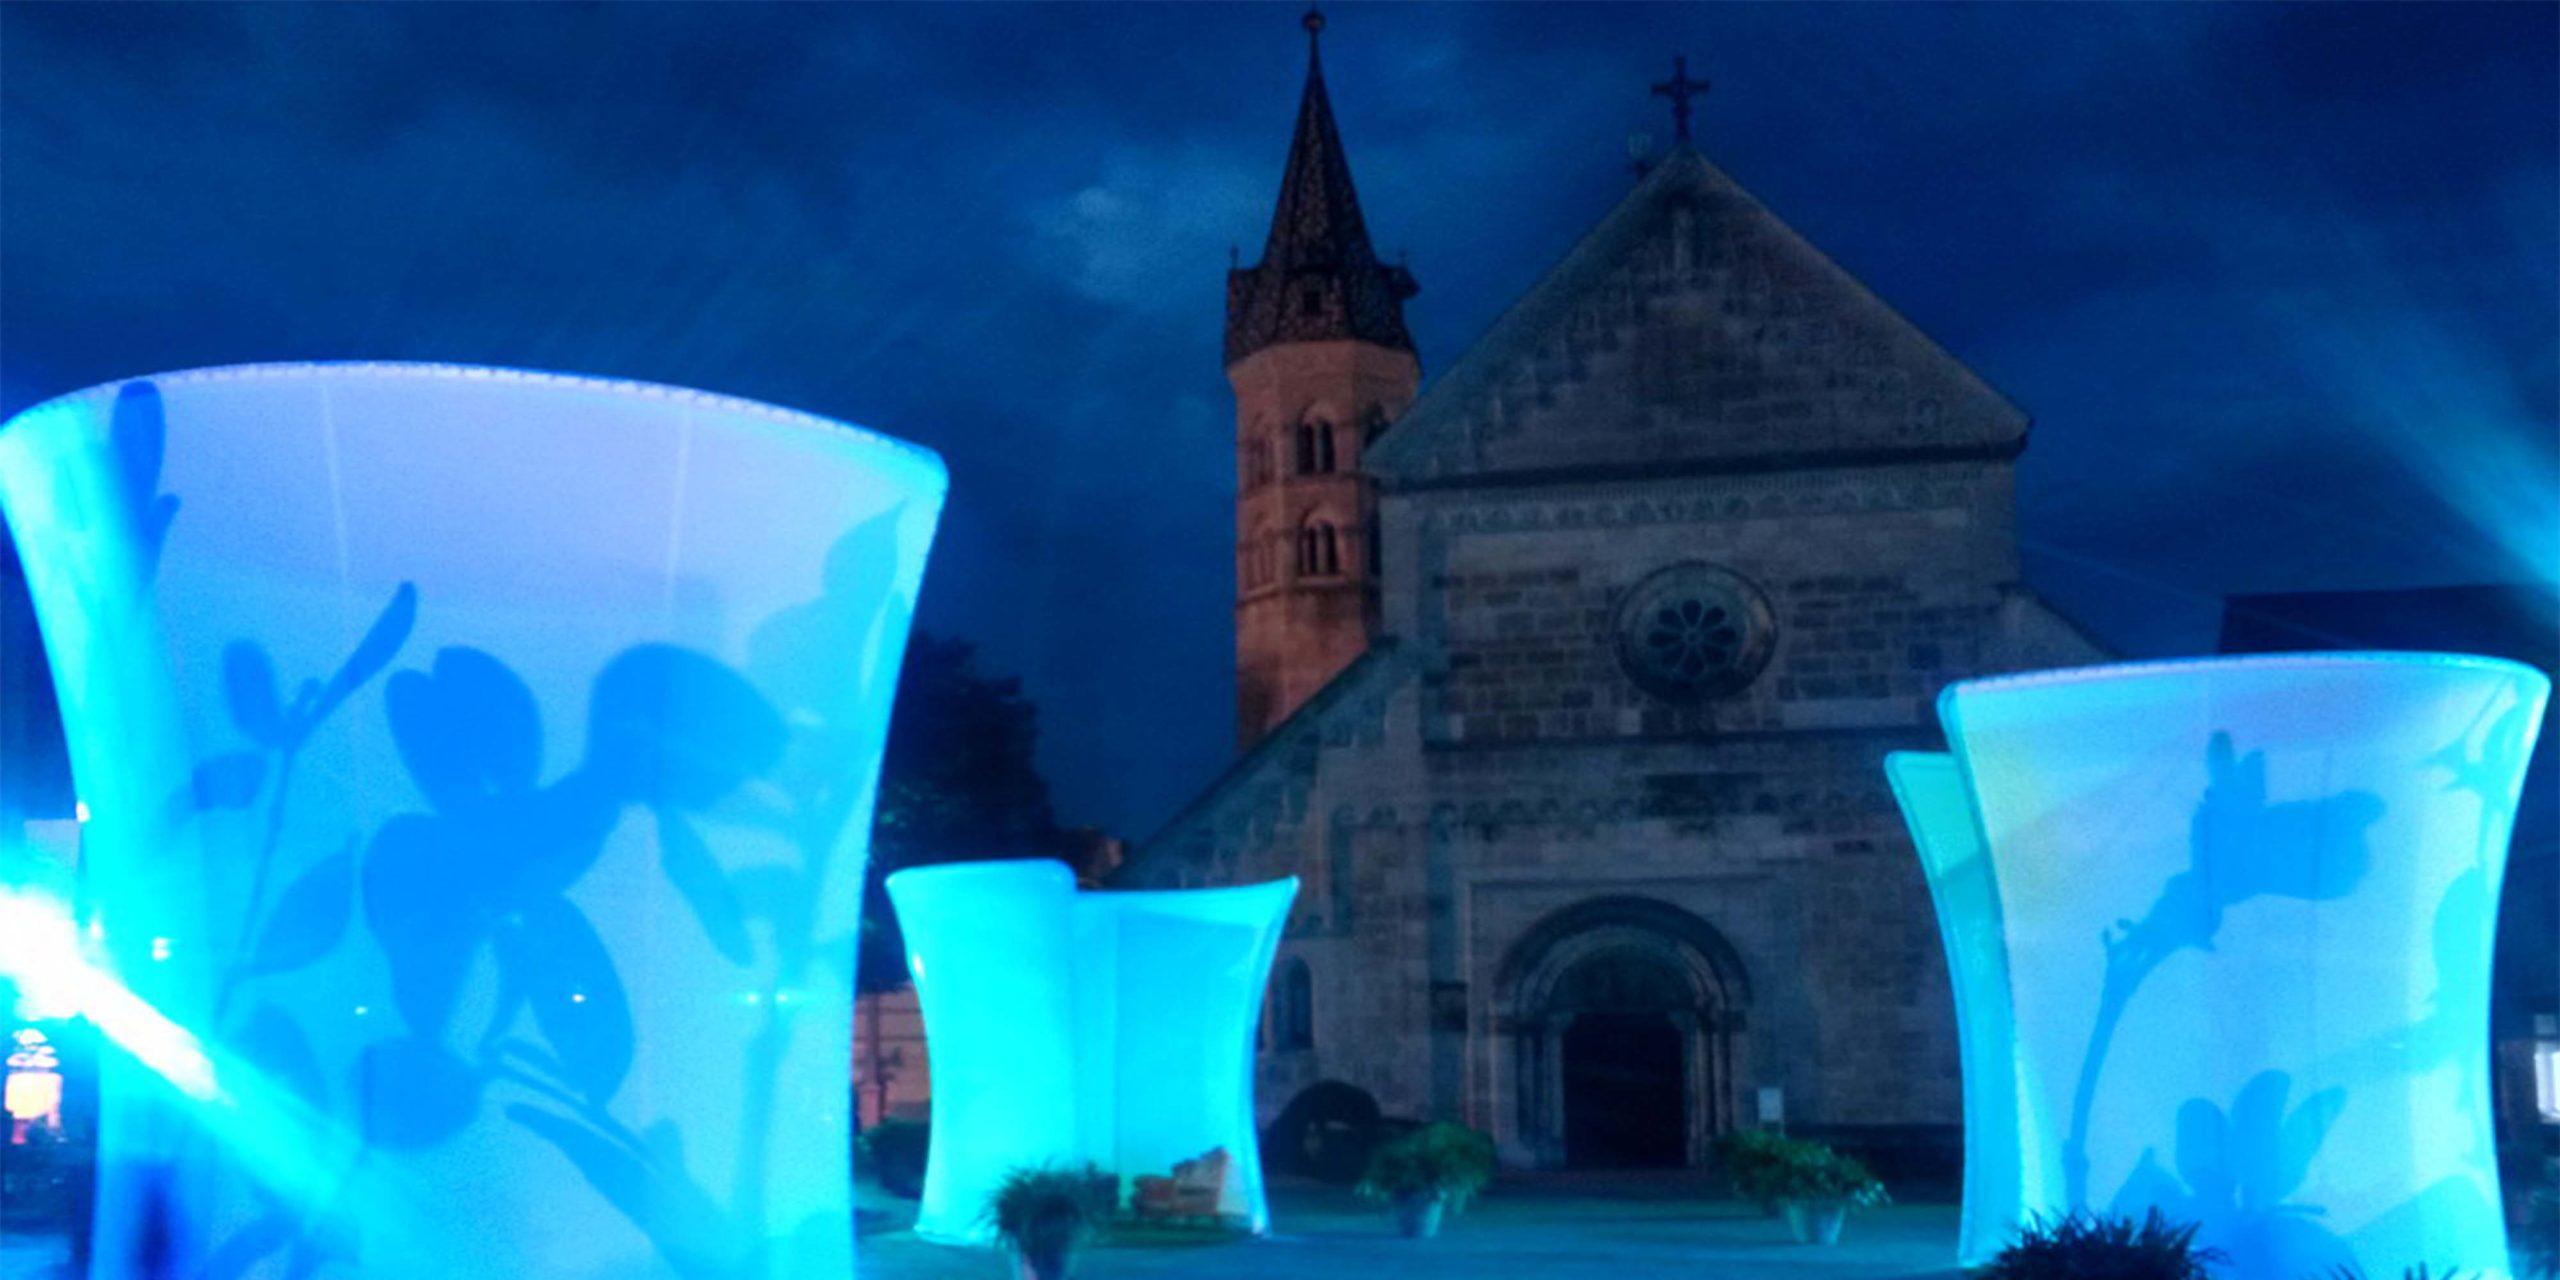 Die Salons bei Nacht in blauer Beleuchtung vor der Kathedrale